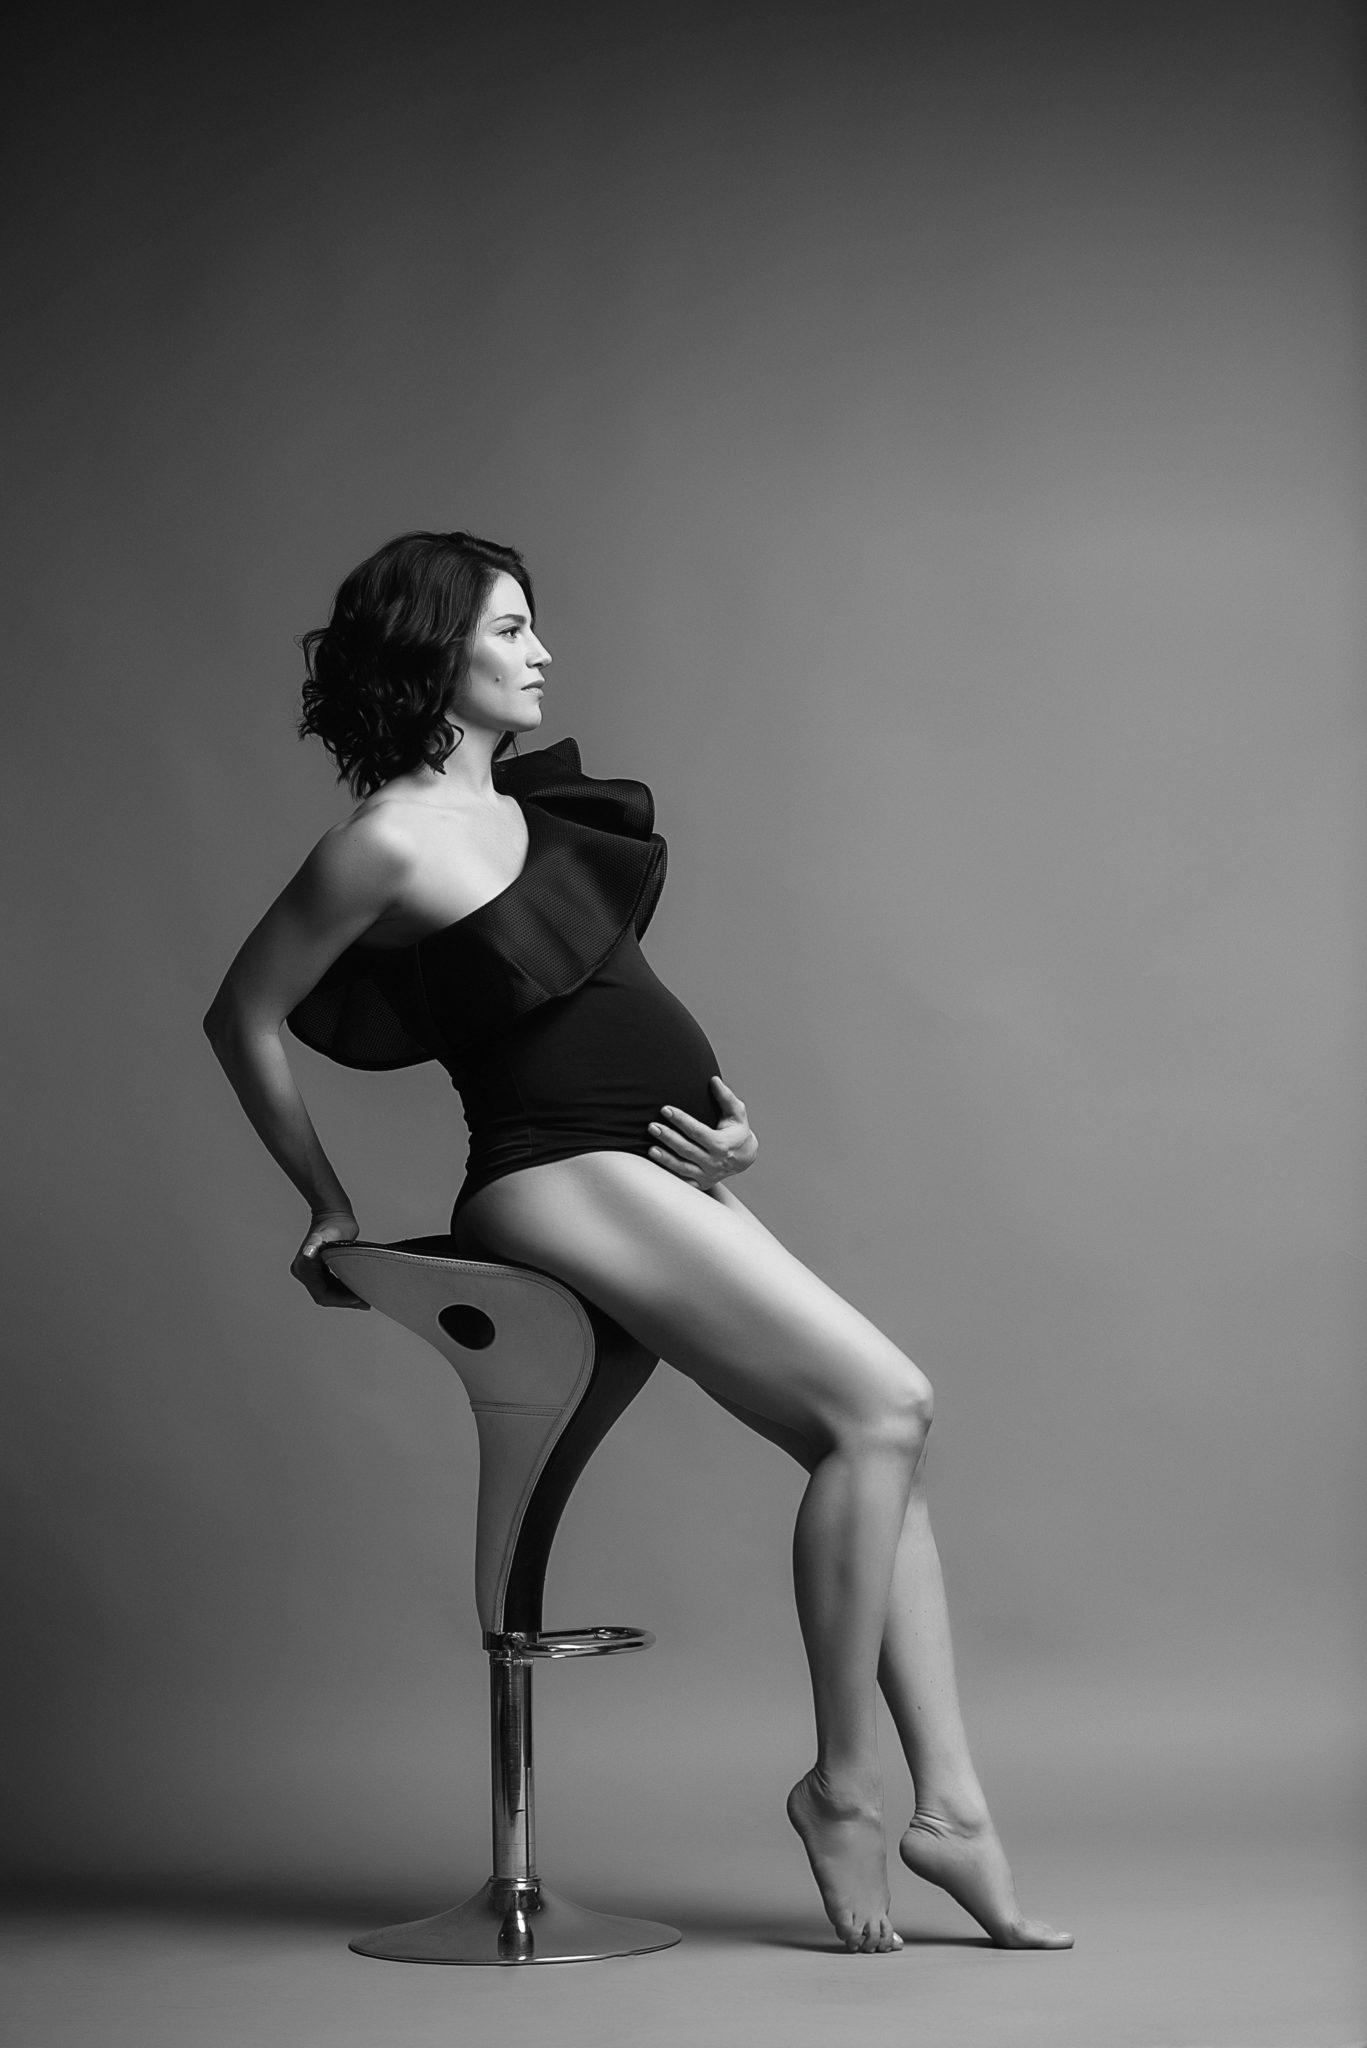 Портфолио фотосессии беременности в студии, девушка белом фоне на стуле, чб фотография